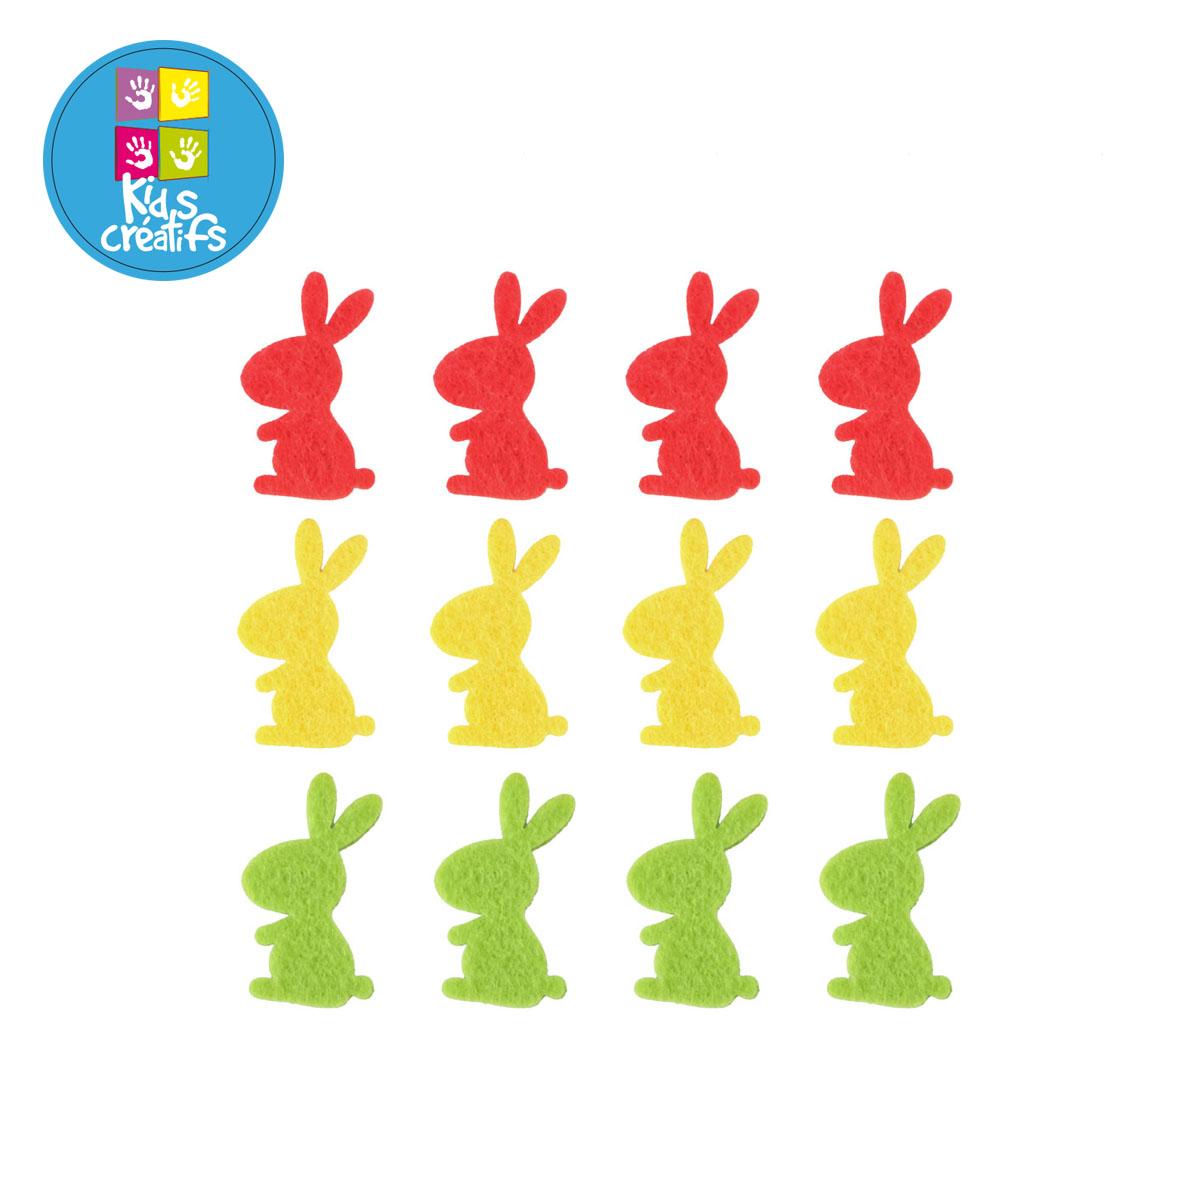 12 lapins autocollants en feutrine - jaune, rouge et vert